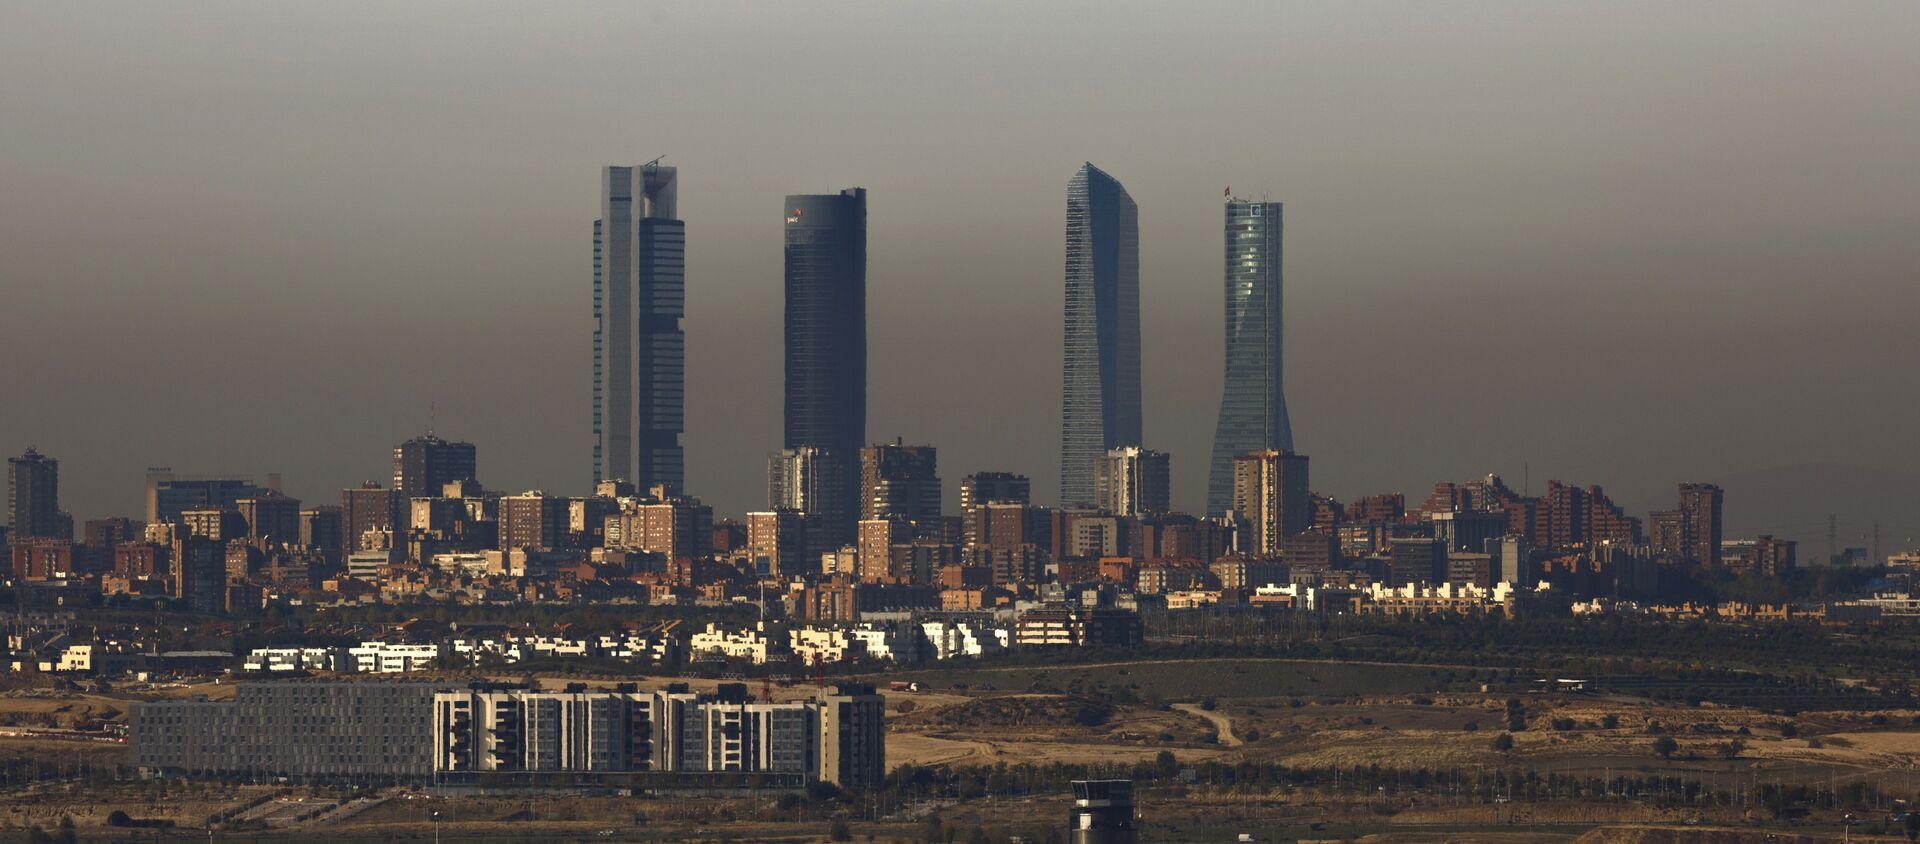 Contaminación en Madrid - Sputnik Mundo, 1920, 02.12.2016